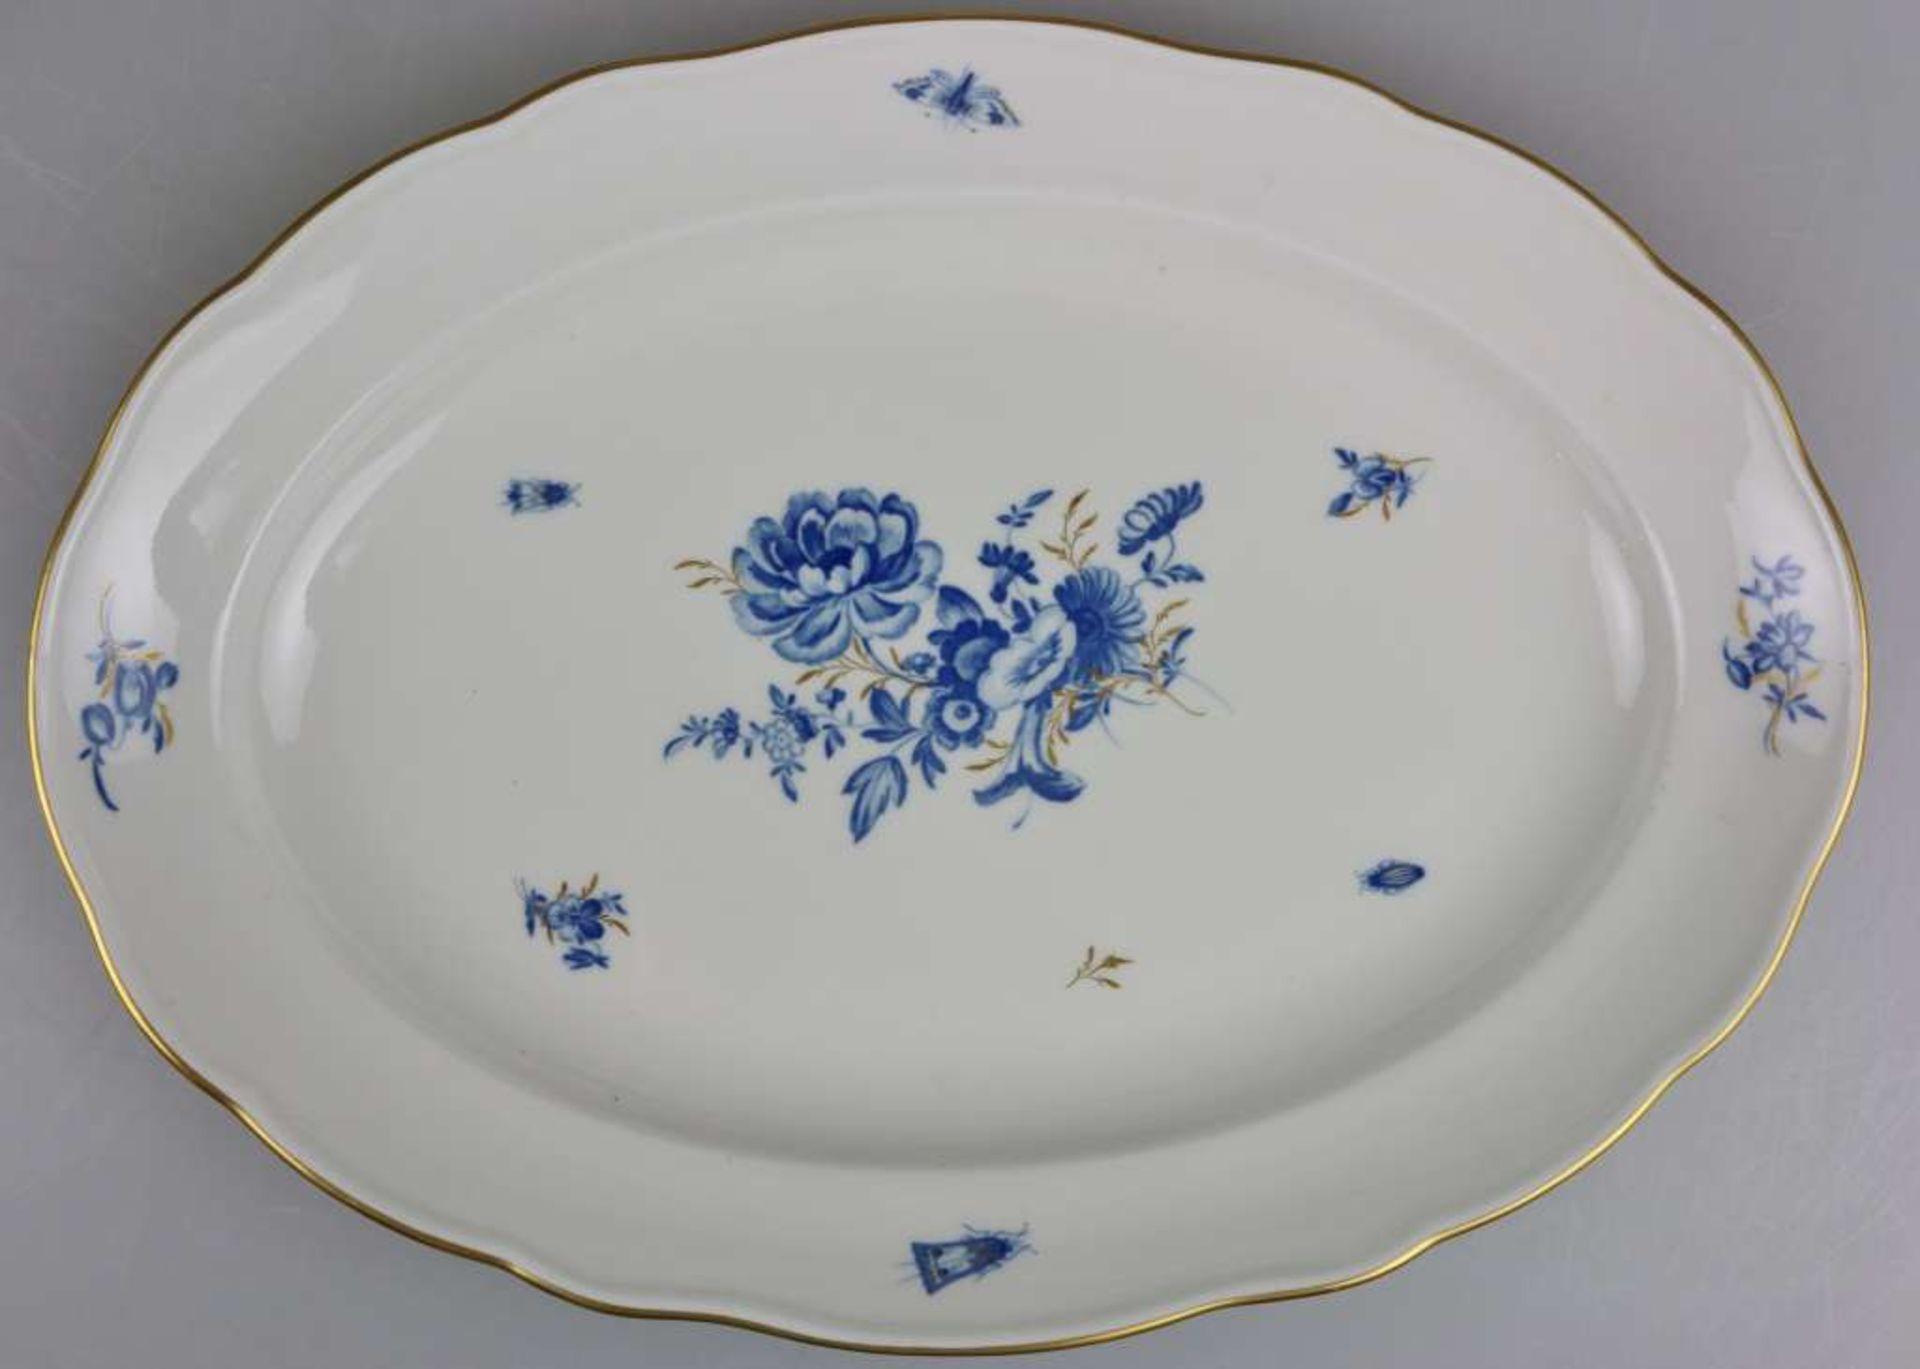 """Meissen, Speiseservice, 19. Jh., Neuer Ausschnitt """"Blaue Blume mit Insekten"""", Goldrand, 36-teil - Bild 5 aus 6"""